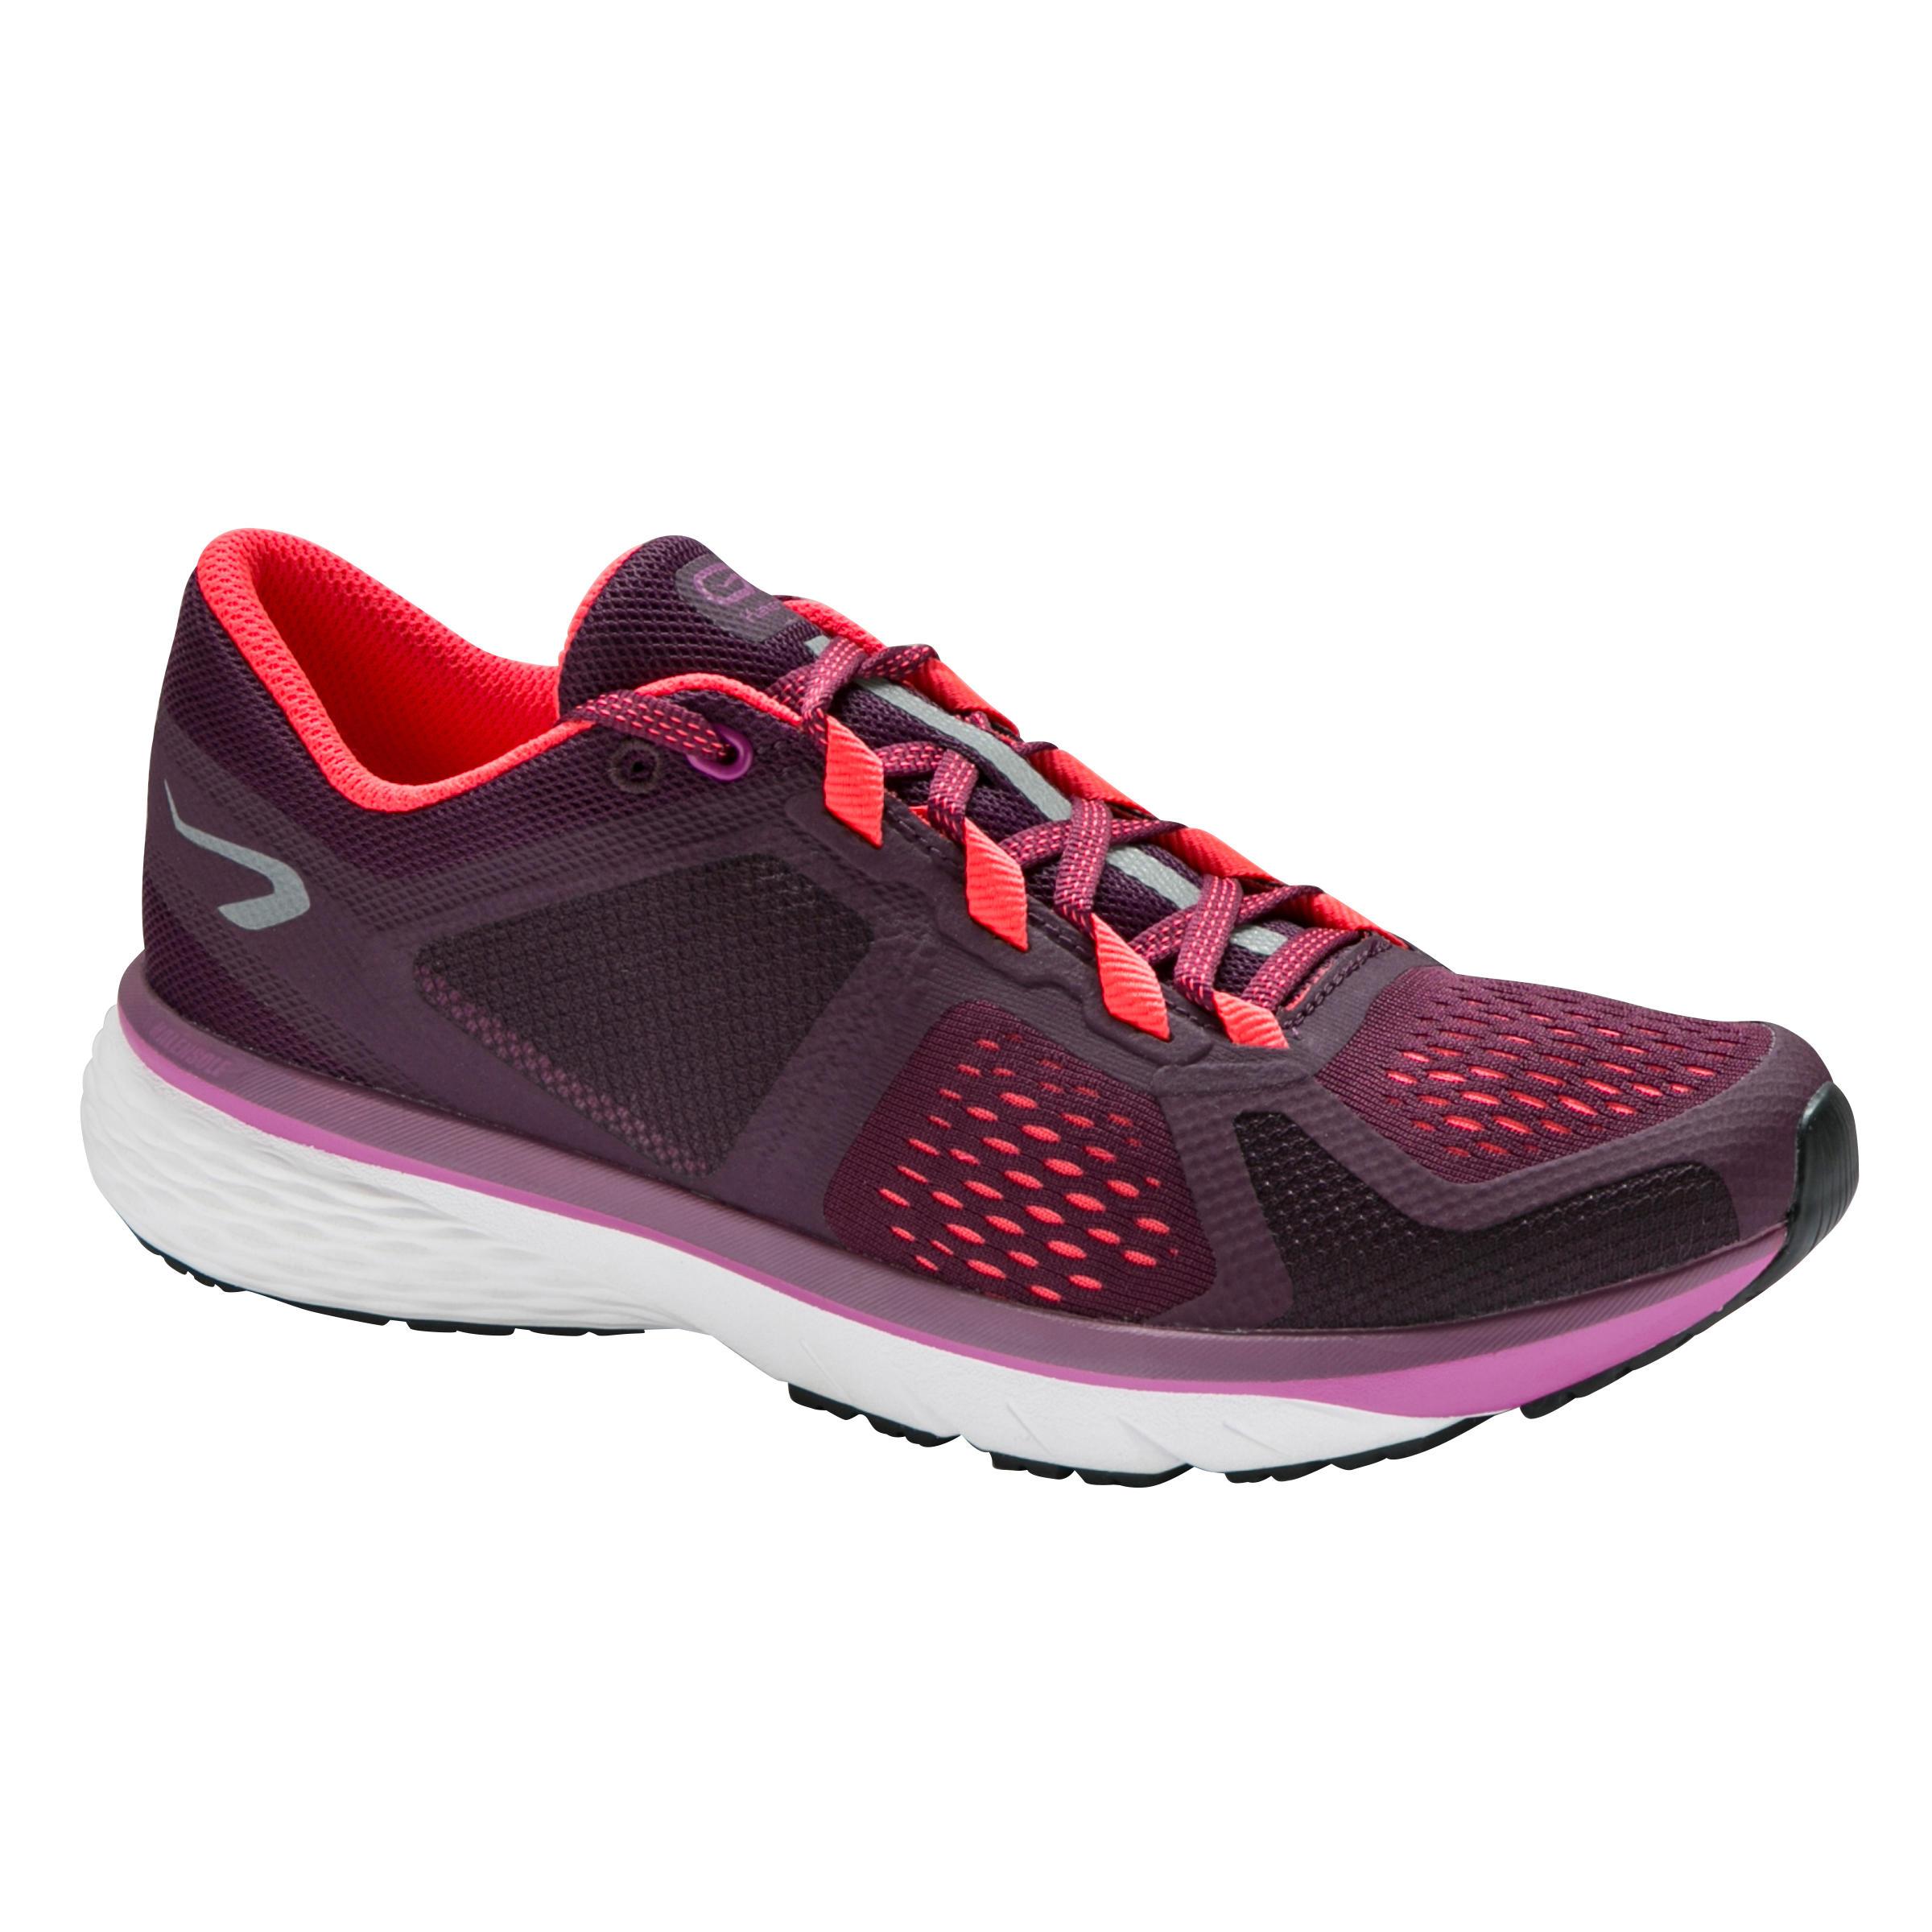 Kalenji Hardloopschoenen voor dames Run Support Control paars